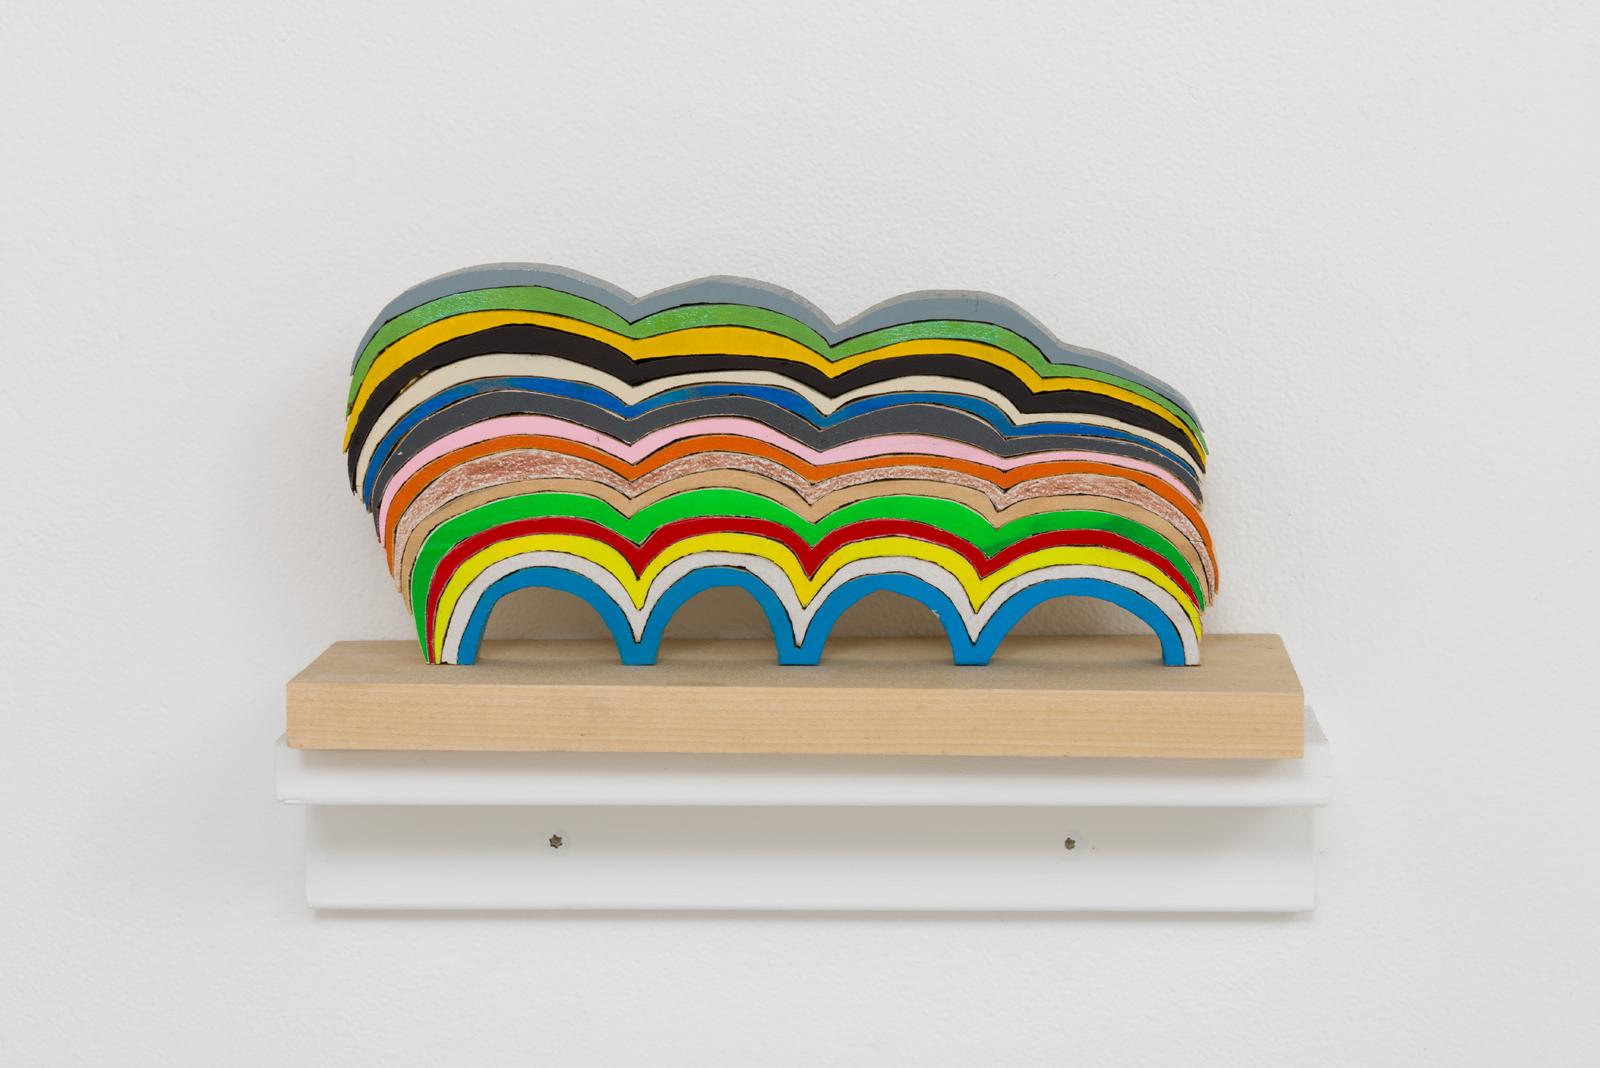 Damien Hoar de Galvan  wave ,2016 wood, paint 5 ½ x 11 x 4 ½ in.